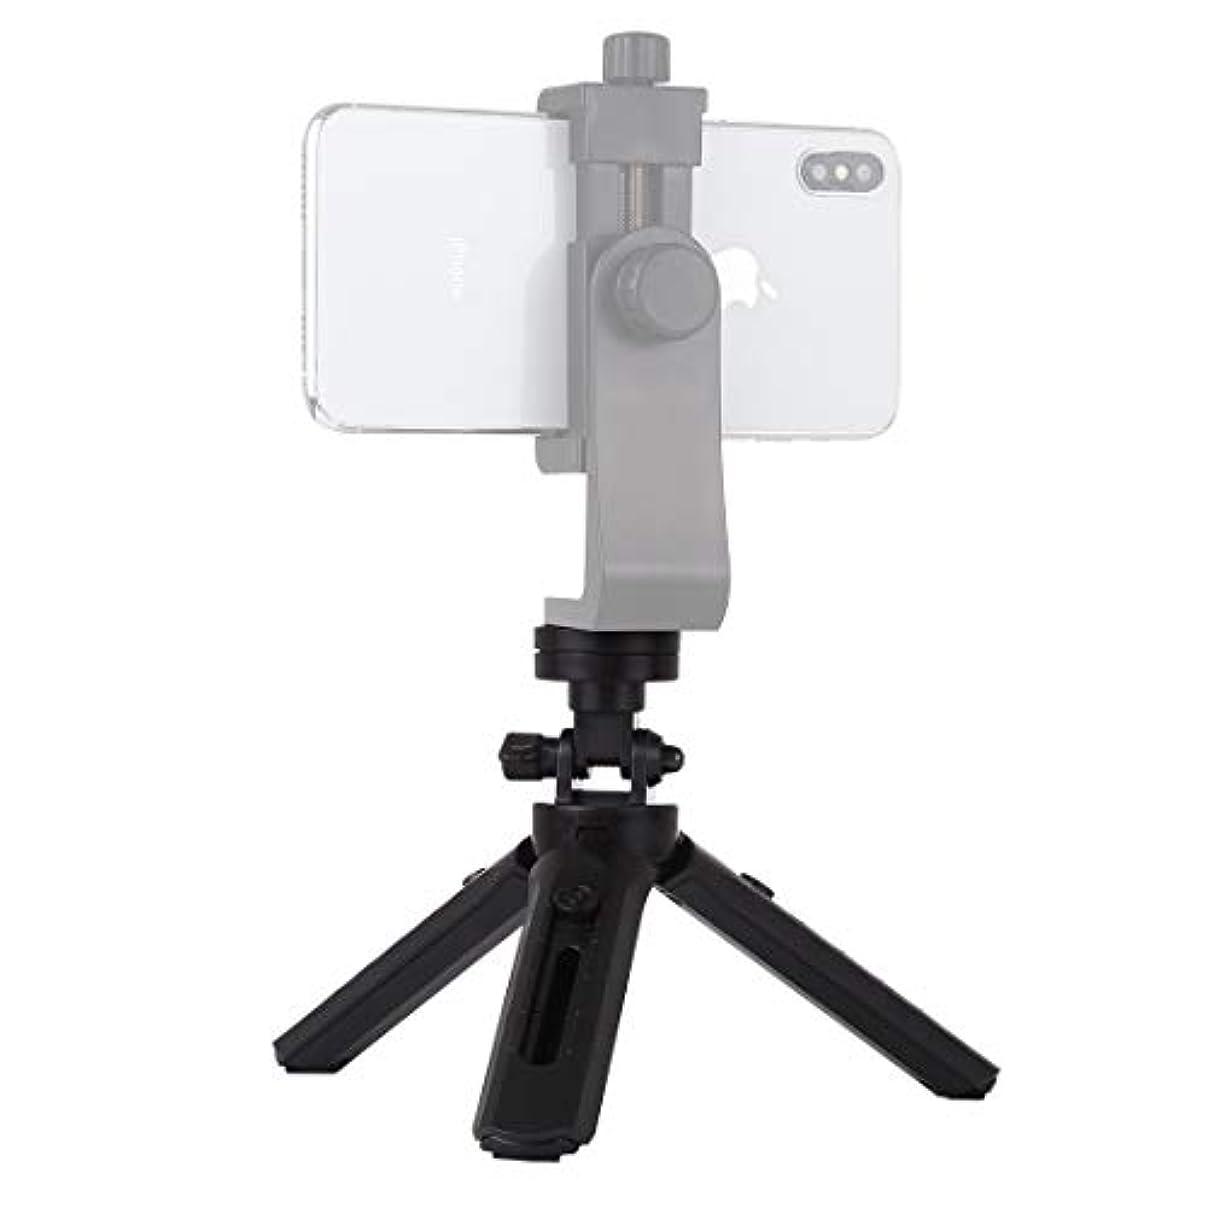 スキップ実行する考えRotations DSLR&デジタルカメラ、高さ調節のための1/4インチのネジでYHMポケットは5モード調節可能なデスクトップ三脚マウント:16.5?21.5センチメートル